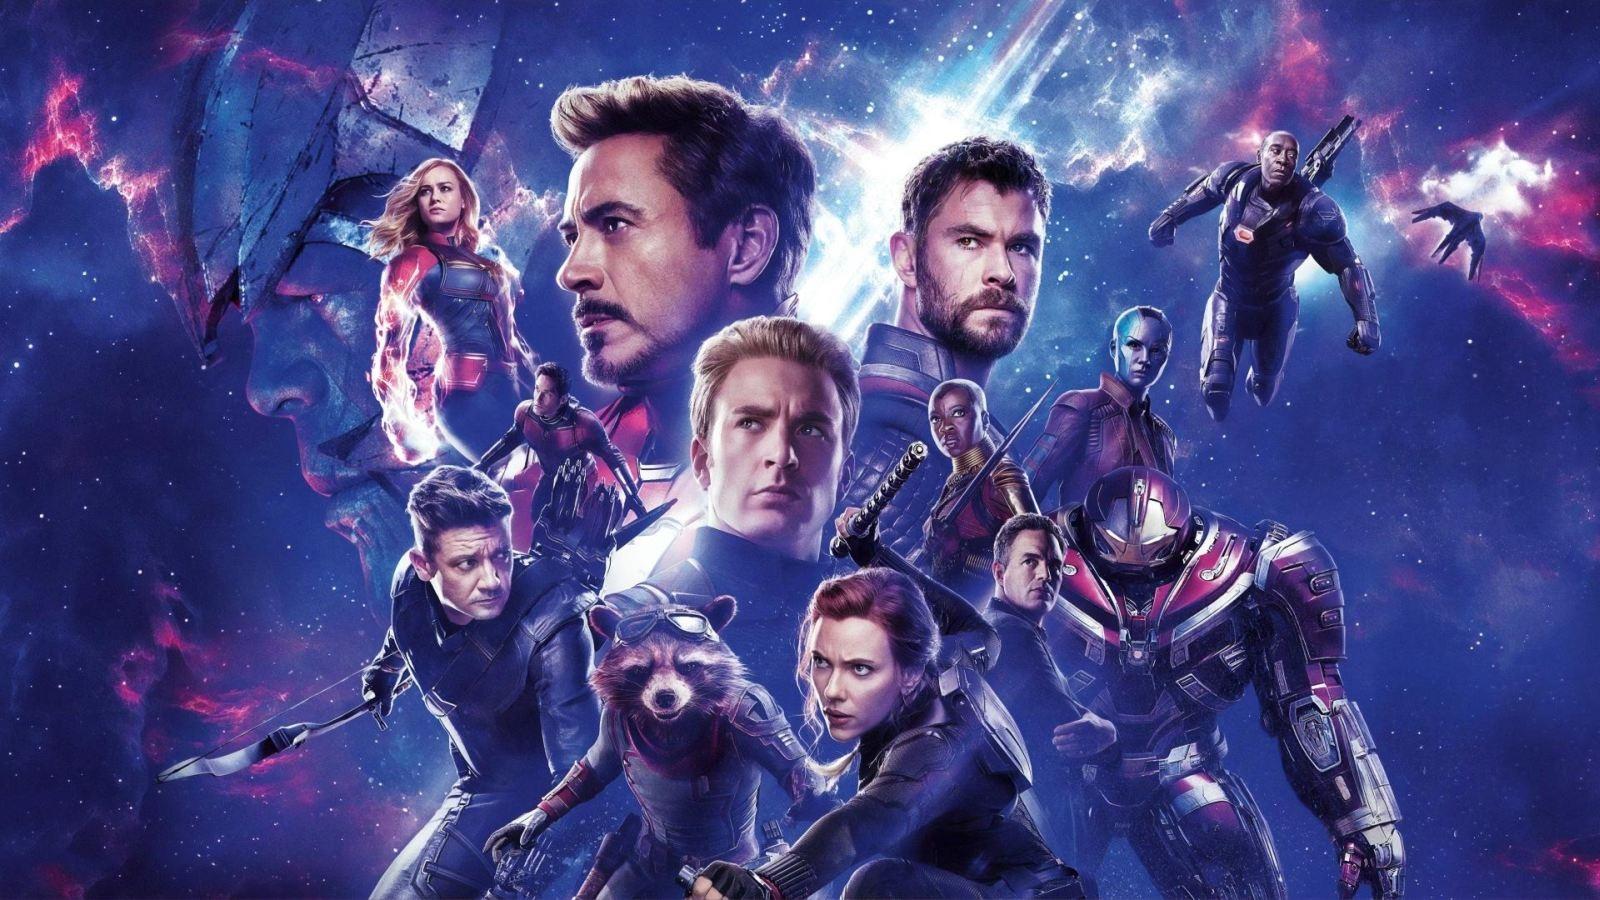 Avengers: Endgame; wallpaper: cover